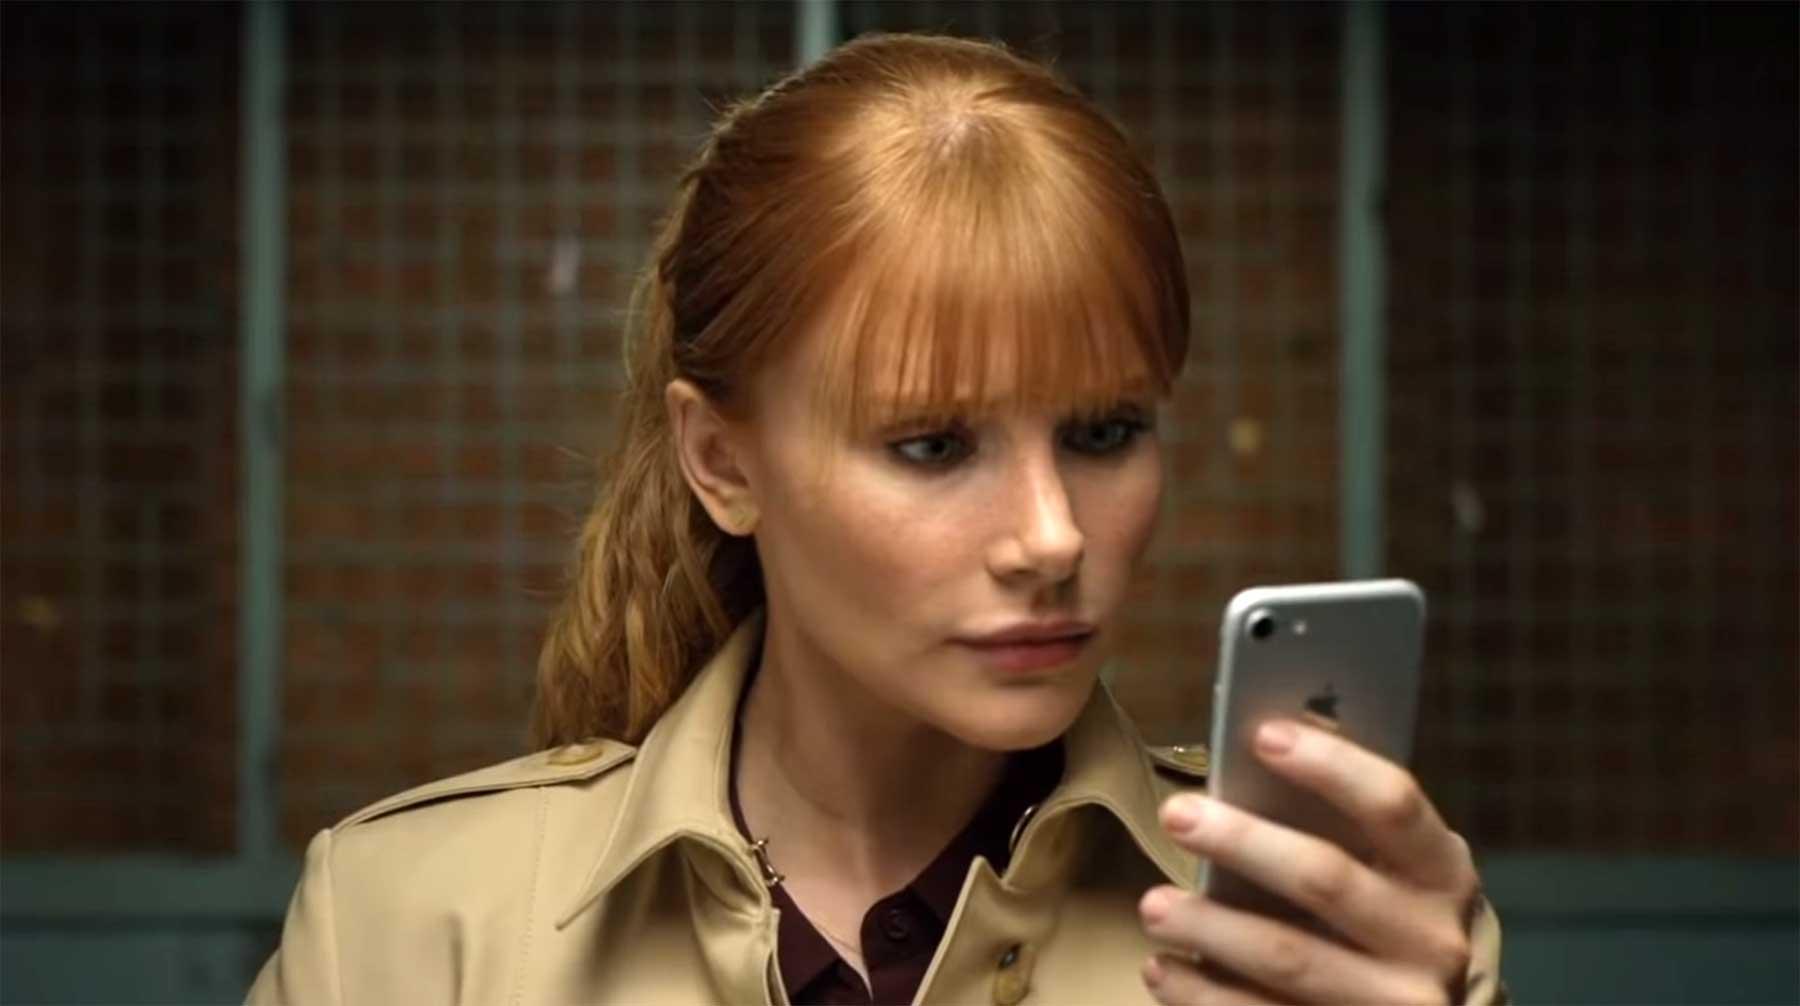 Wieso gibt es eigentlich so wenige Smartphones in Filmen?